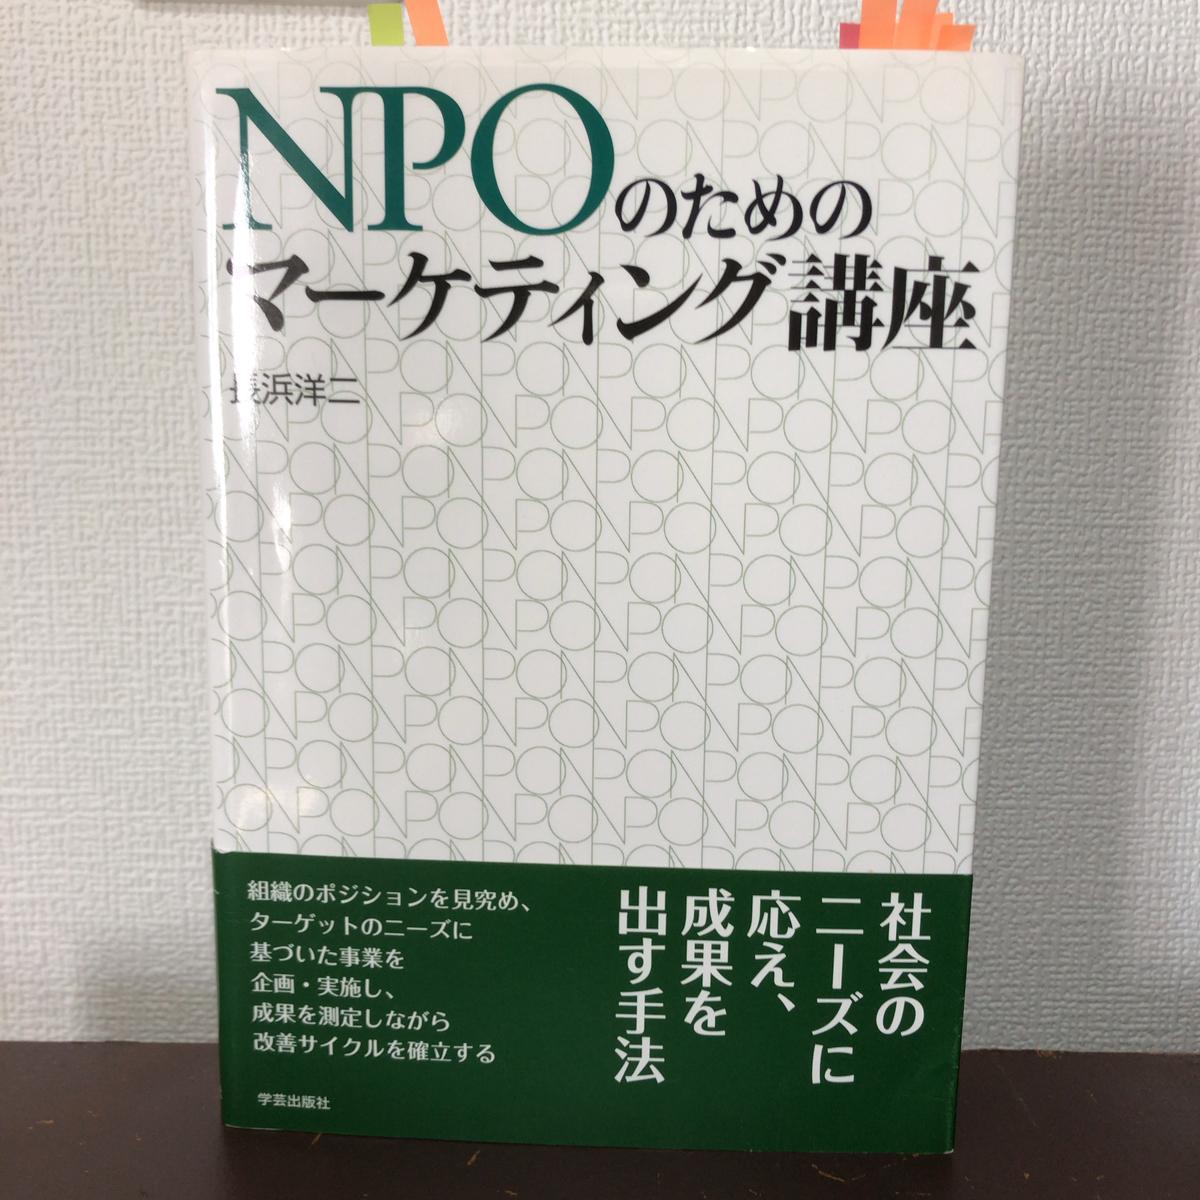 『NPOのためのマーケティング講座』表紙写真